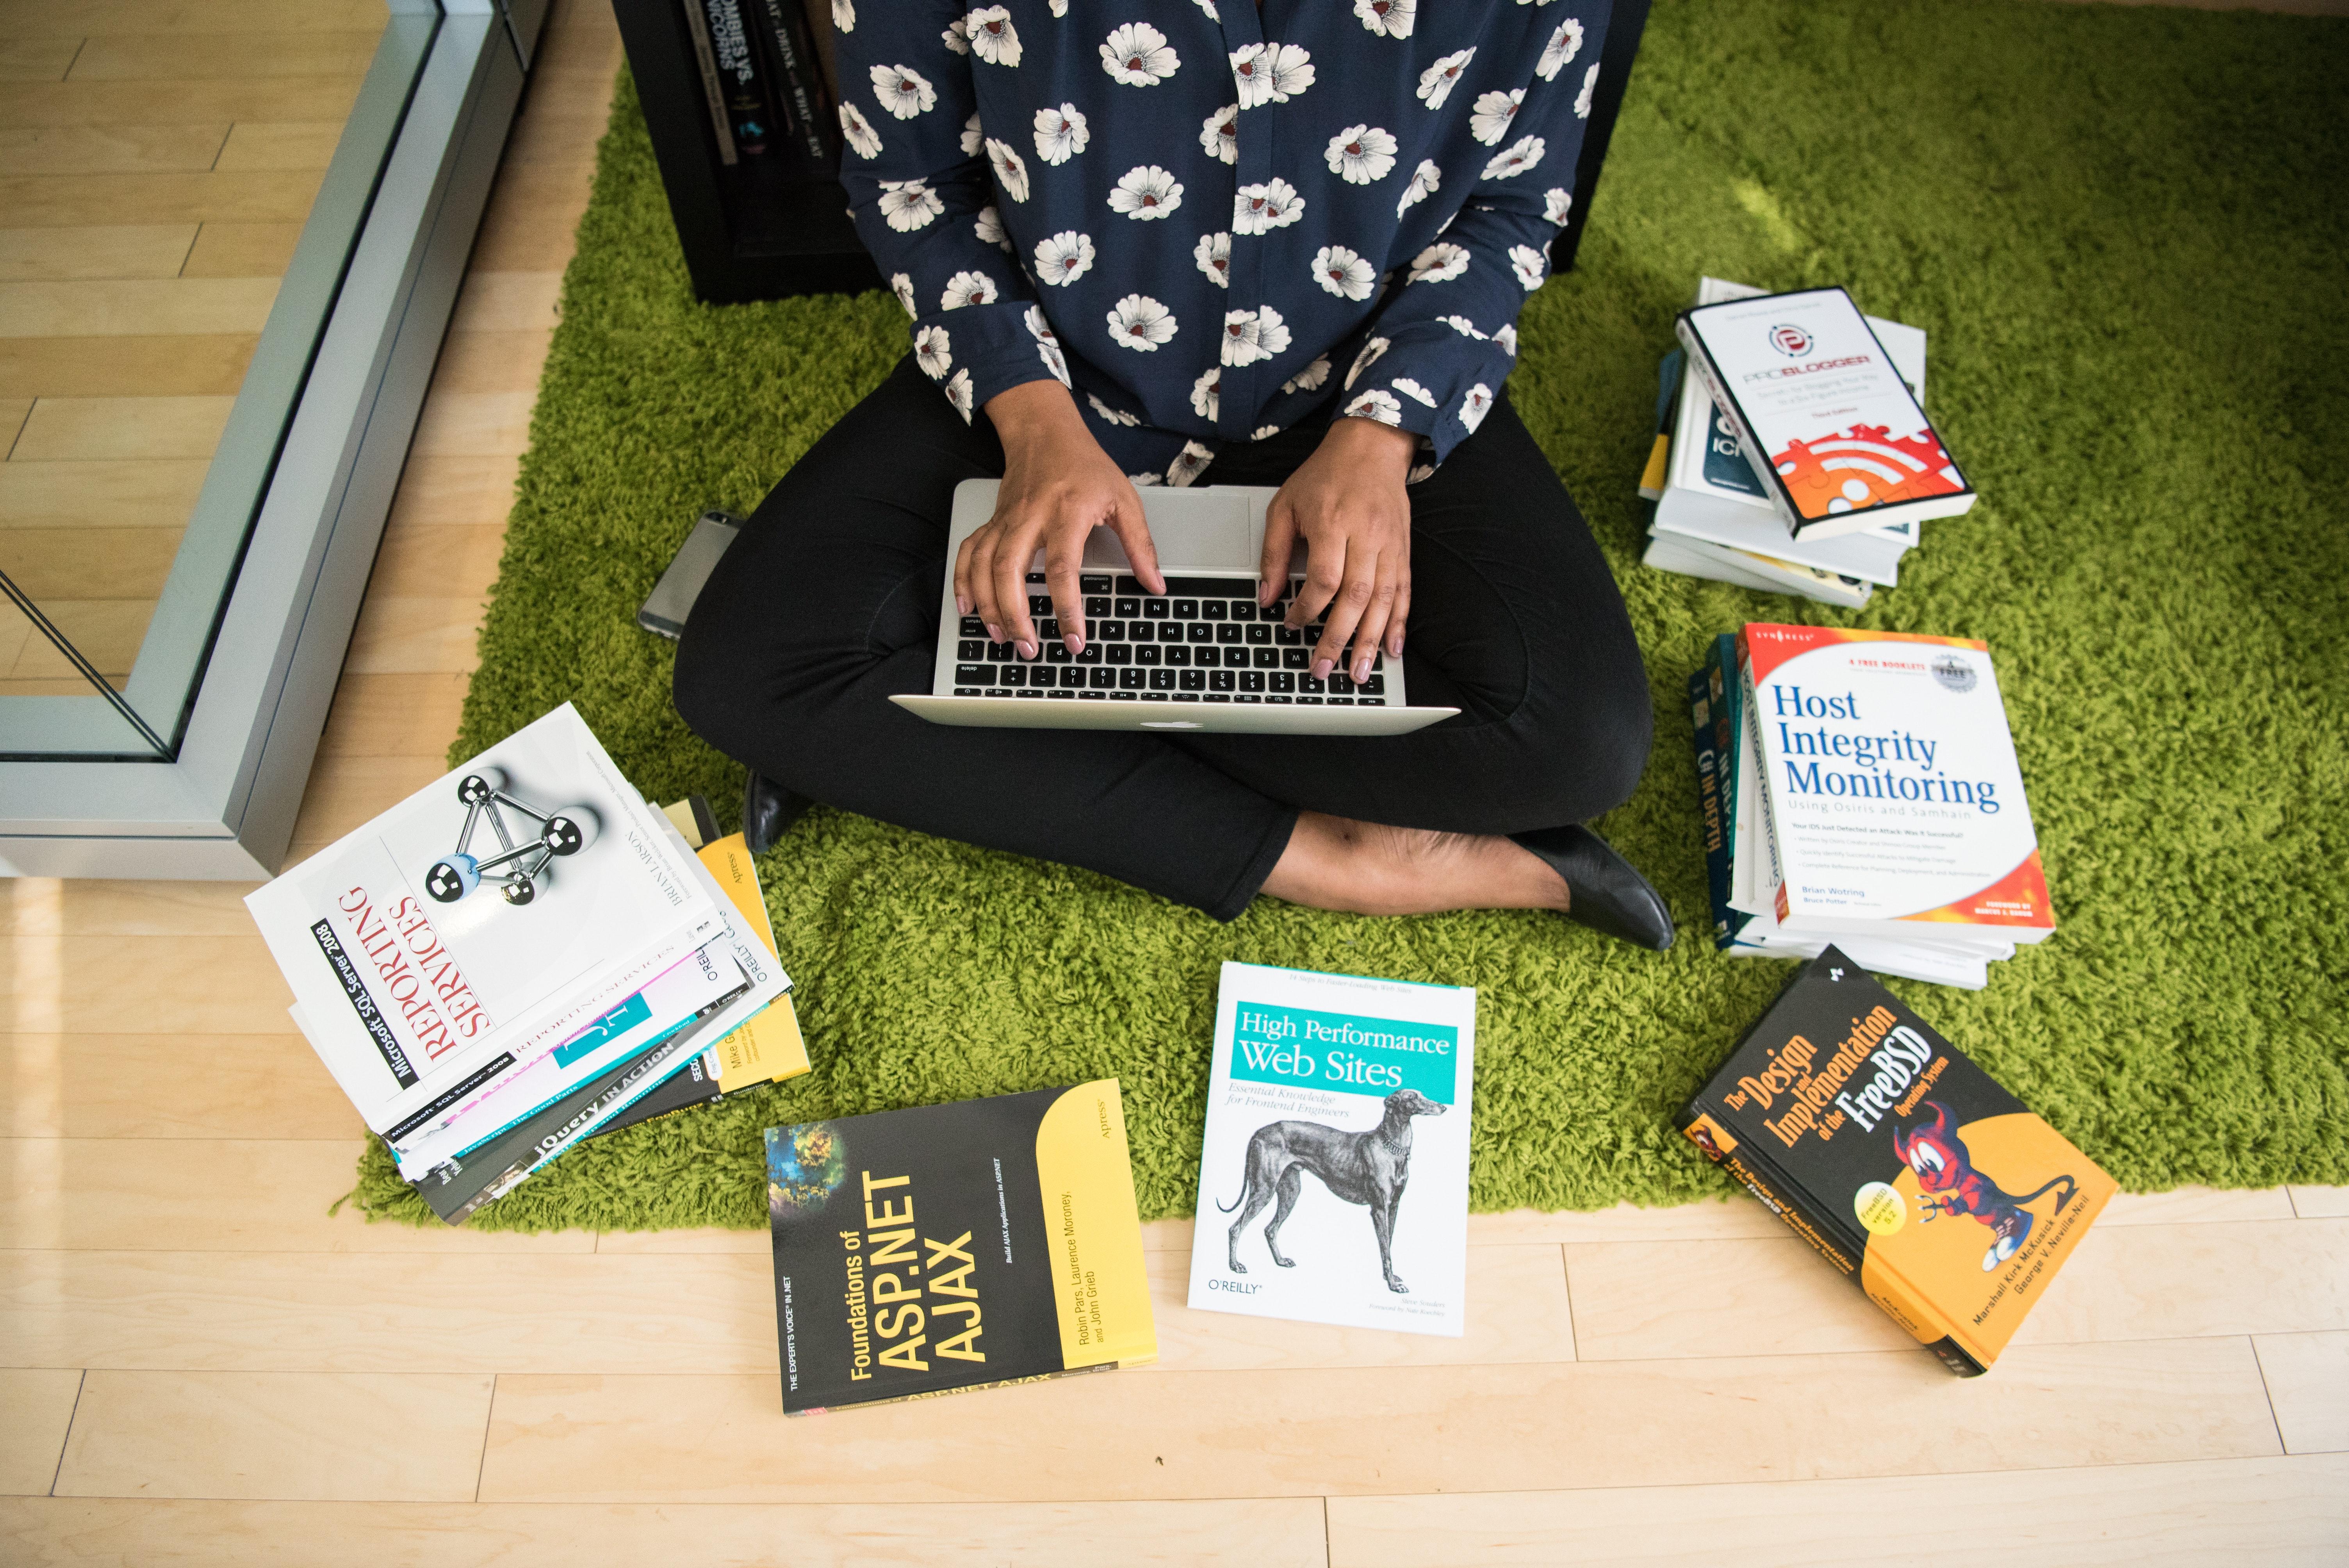 Femme avec un MacBook Air avec des livres en programmation